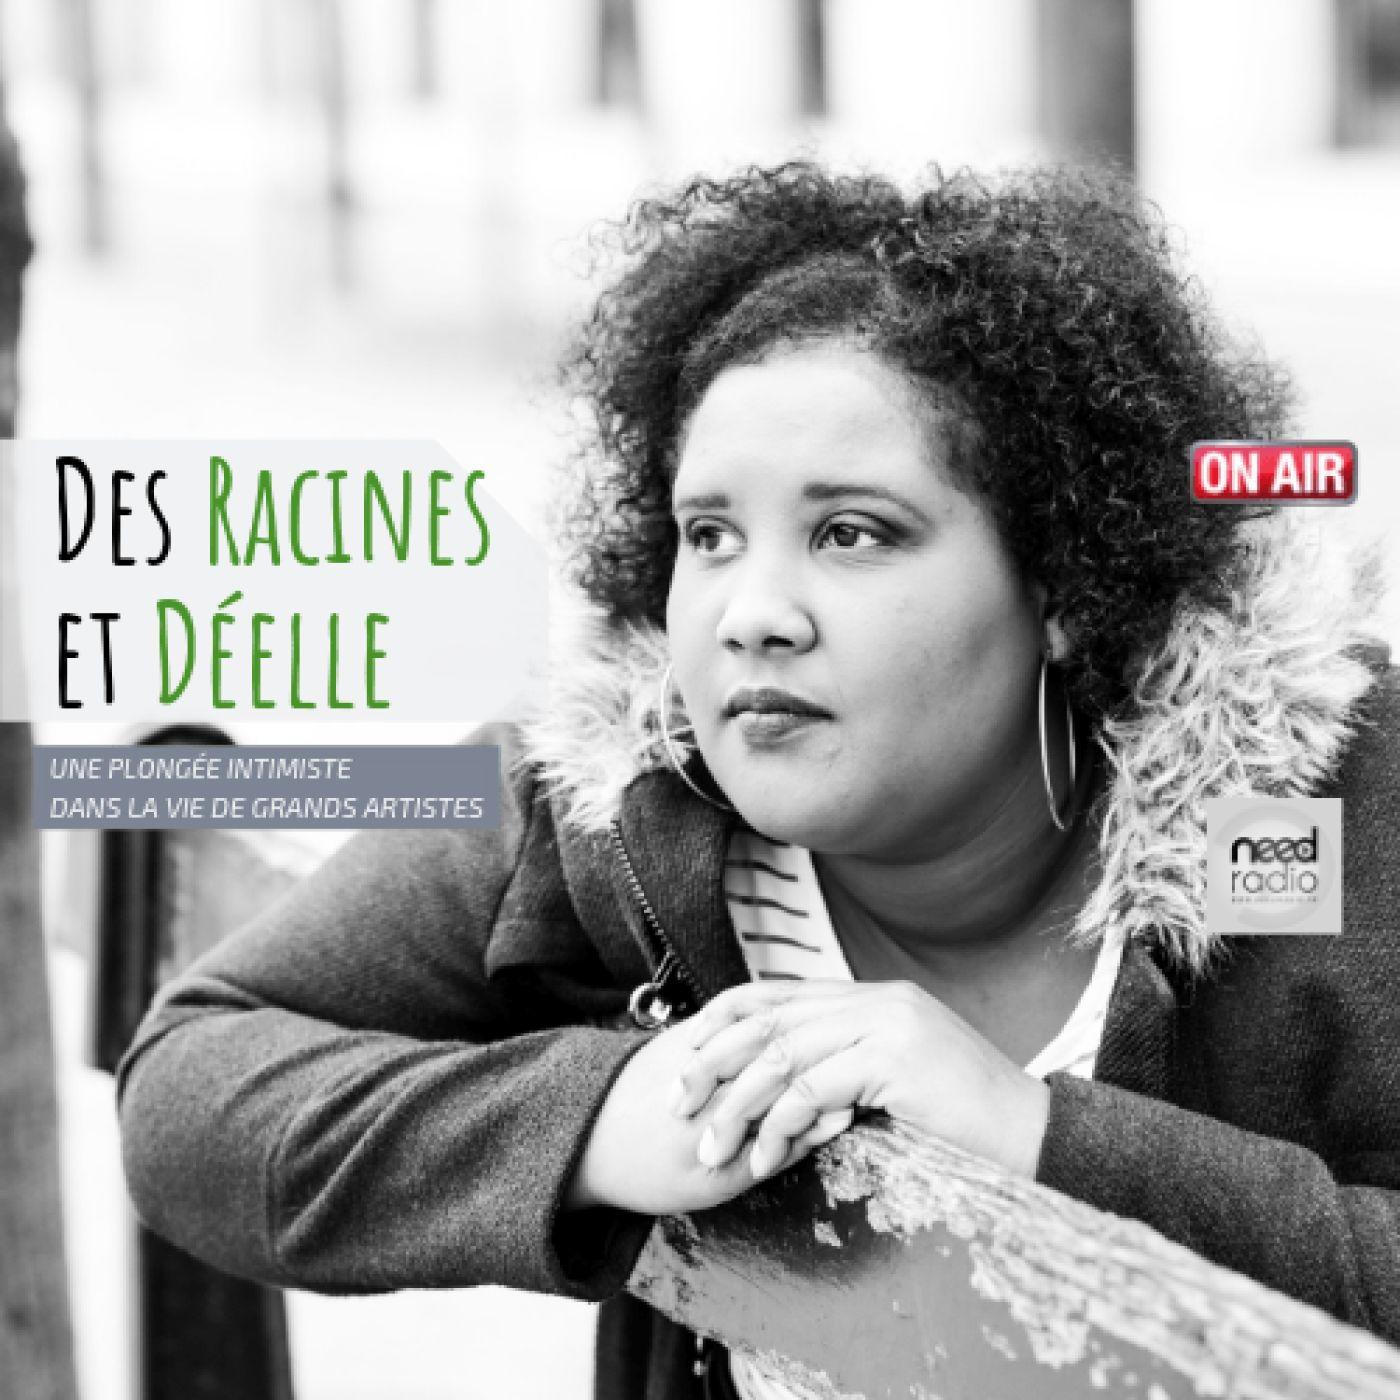 Des Racines et Déelle avec Cedrick Spinassou (06/05/19)